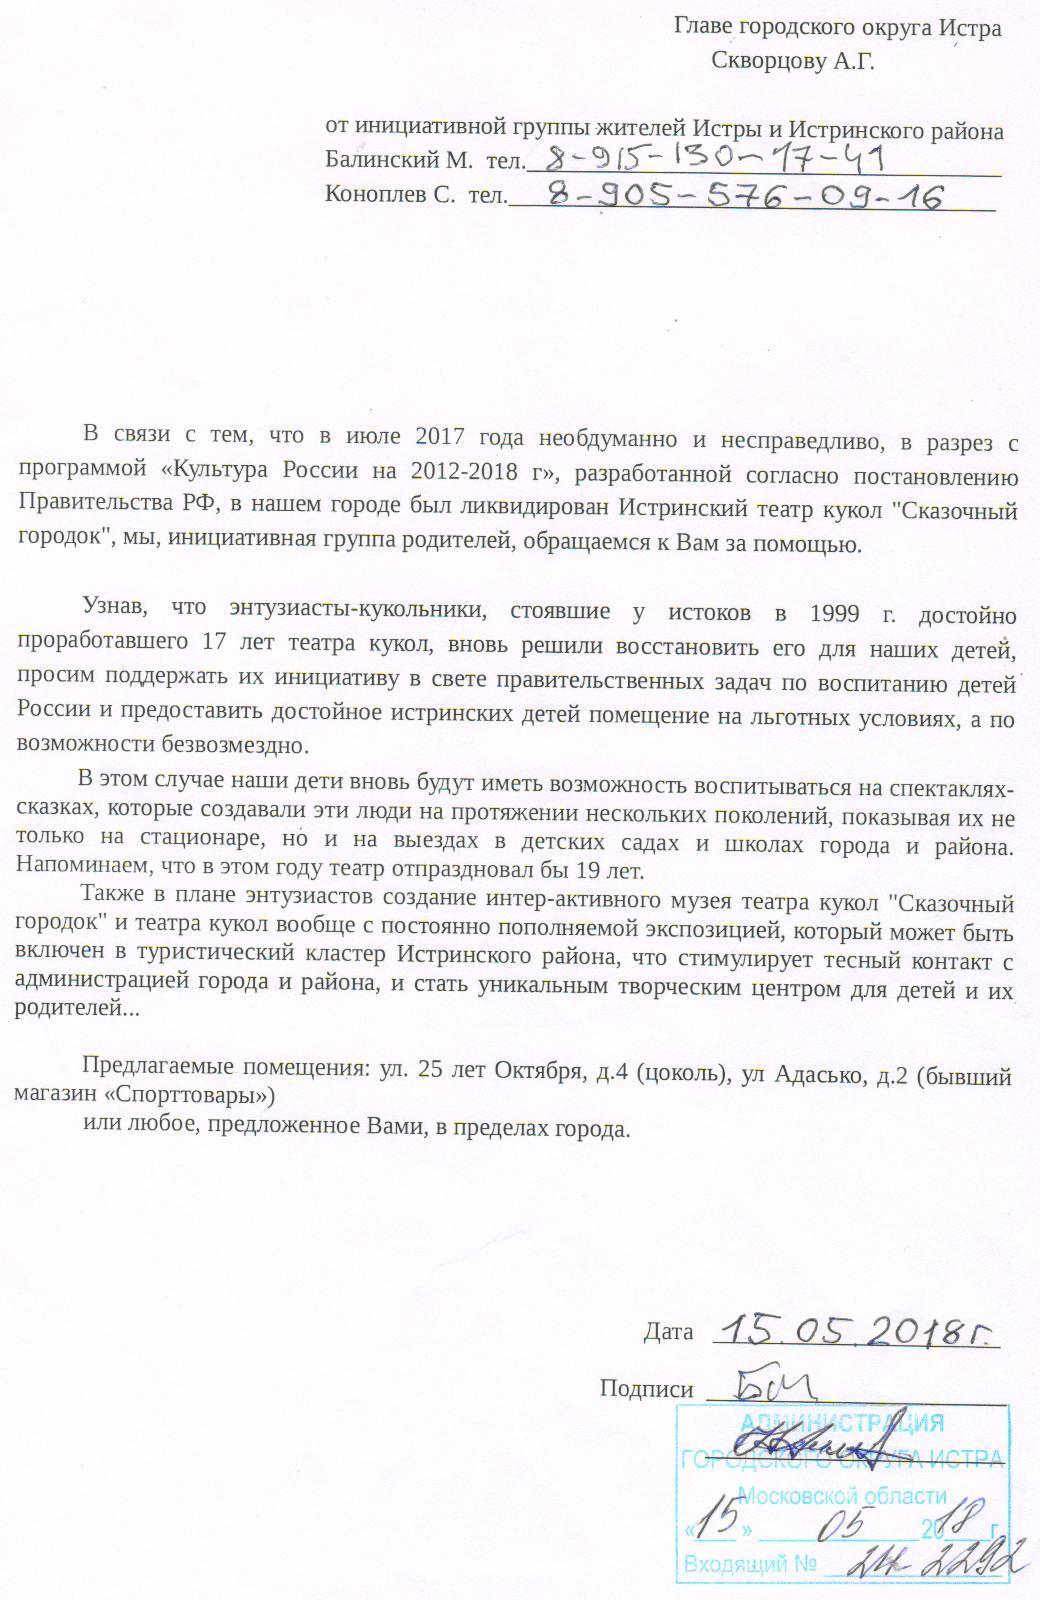 Во вторник было направлено письмо Главе городского округа Истра А.Г.Скворцову